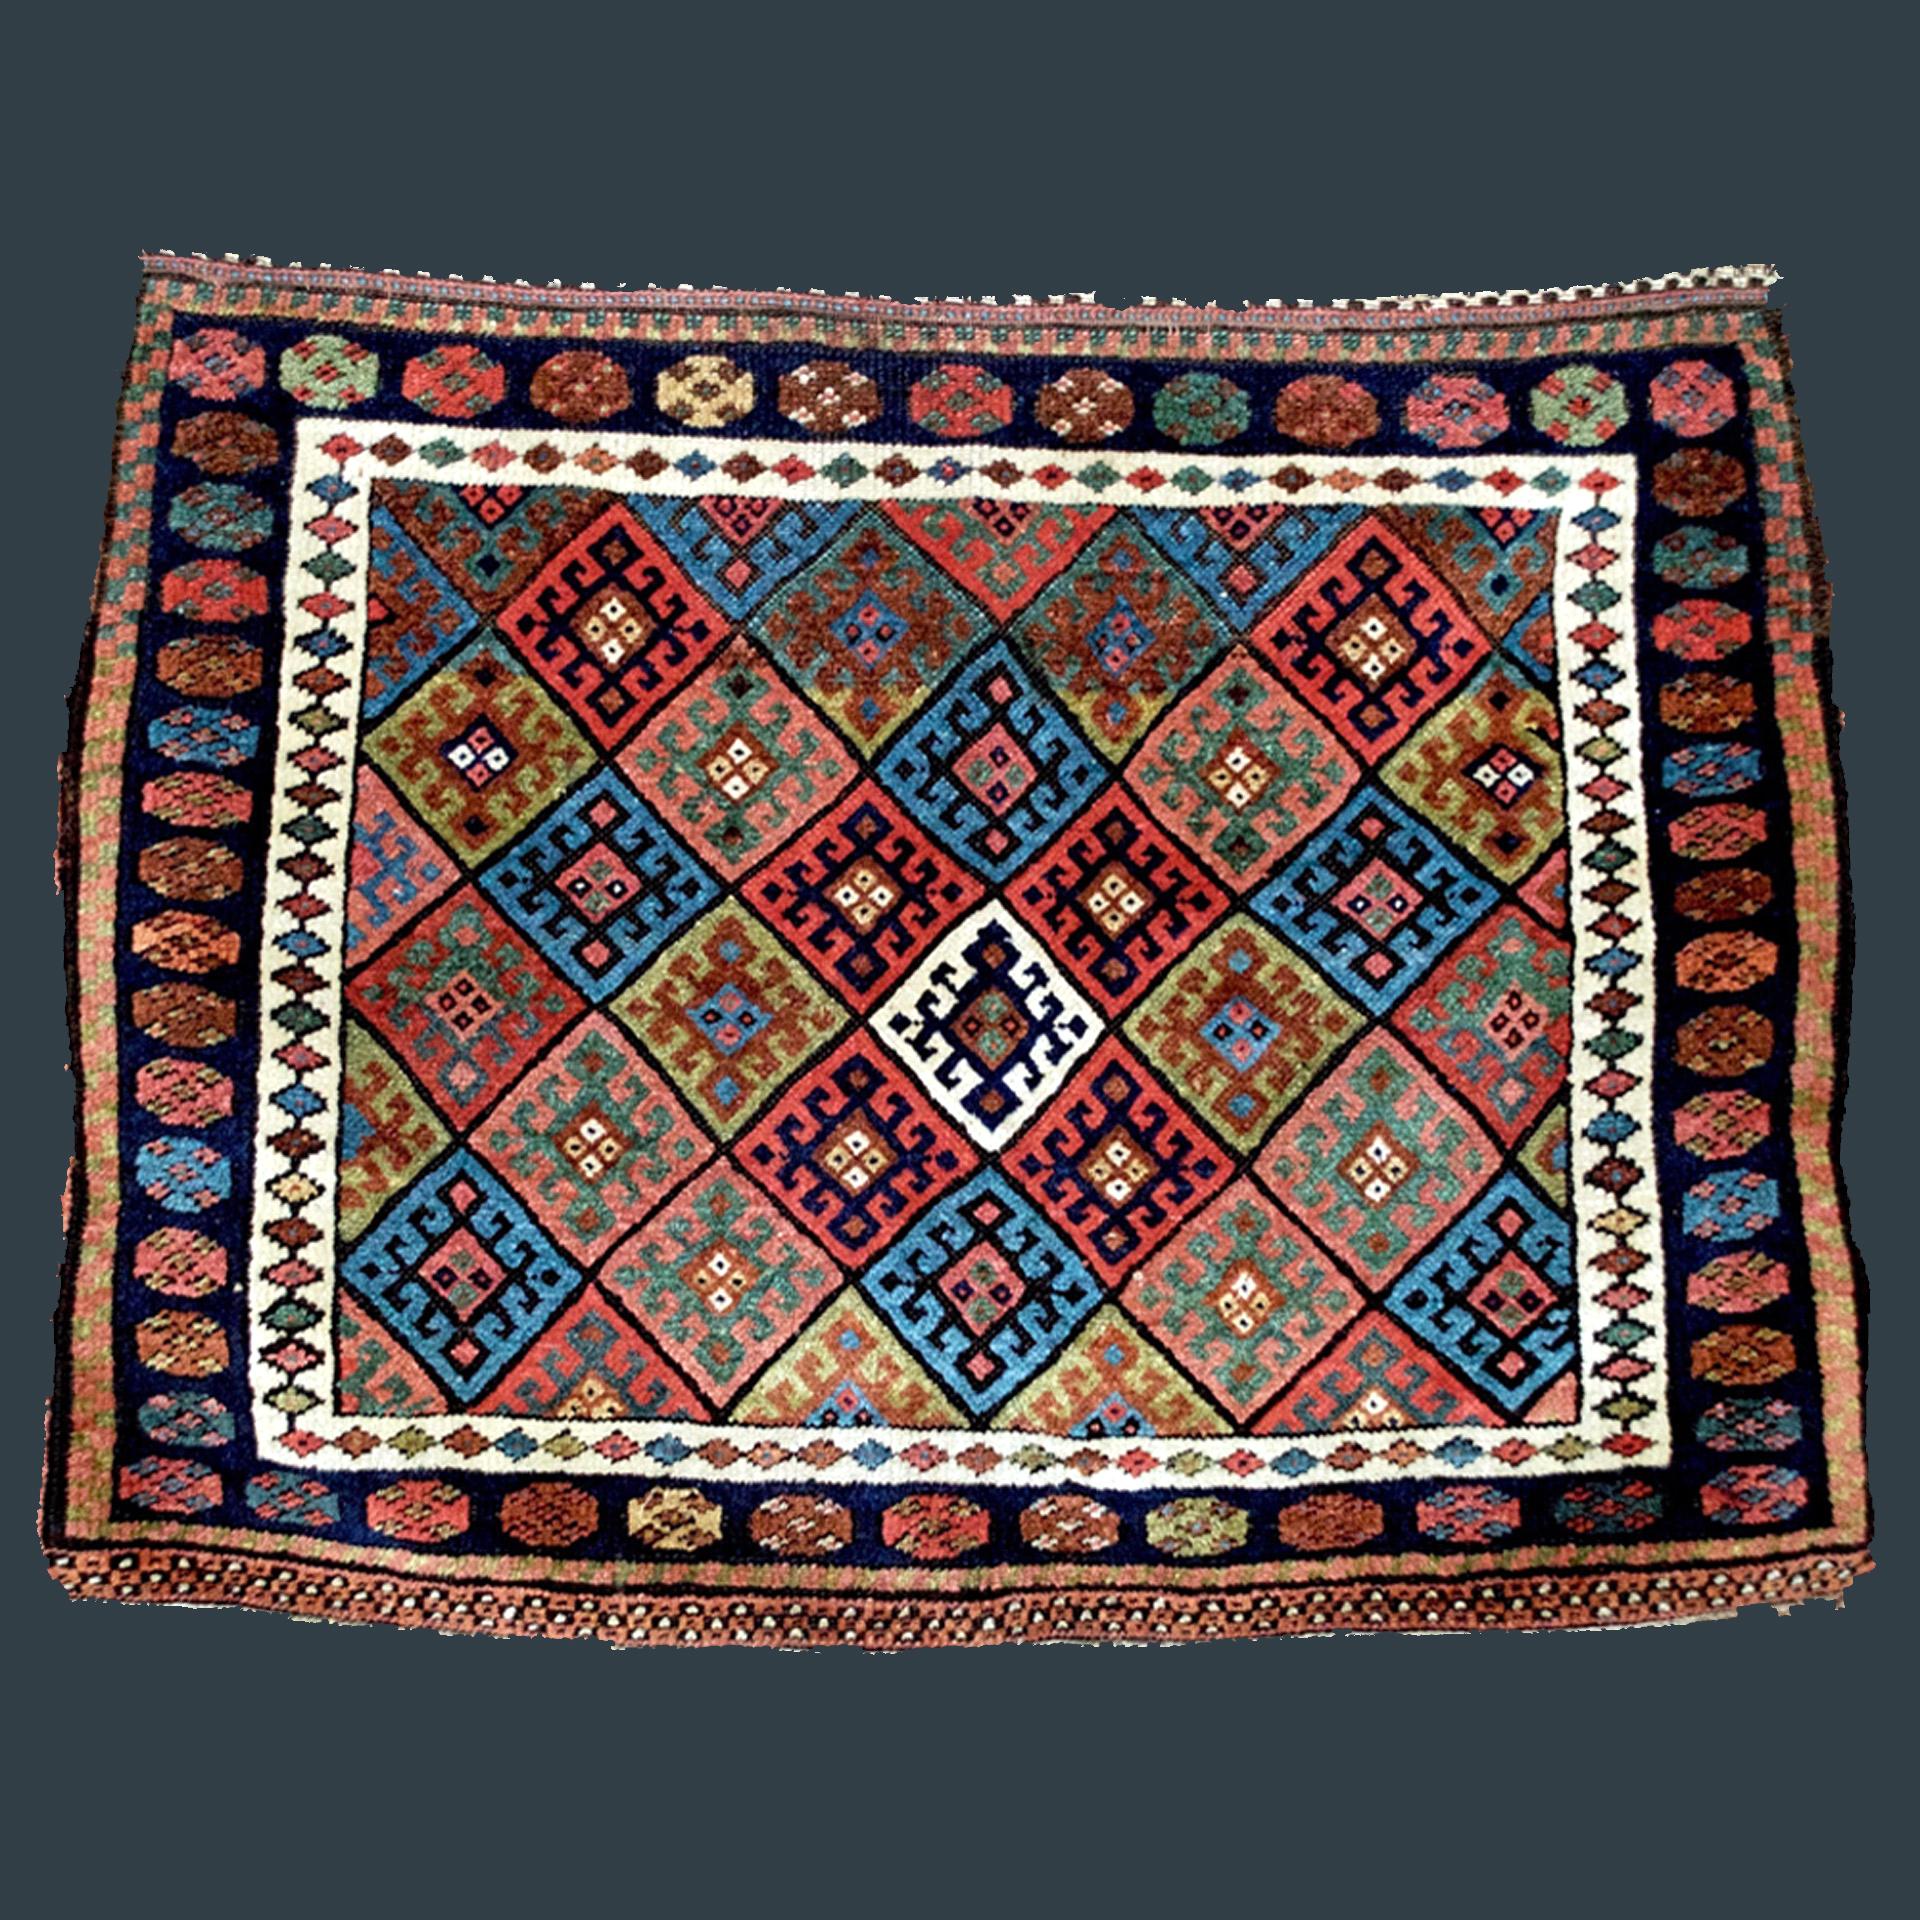 Large Antique Jaff Kurdish Diamond Design Bag Face, Northwest Persia, Circa 1890